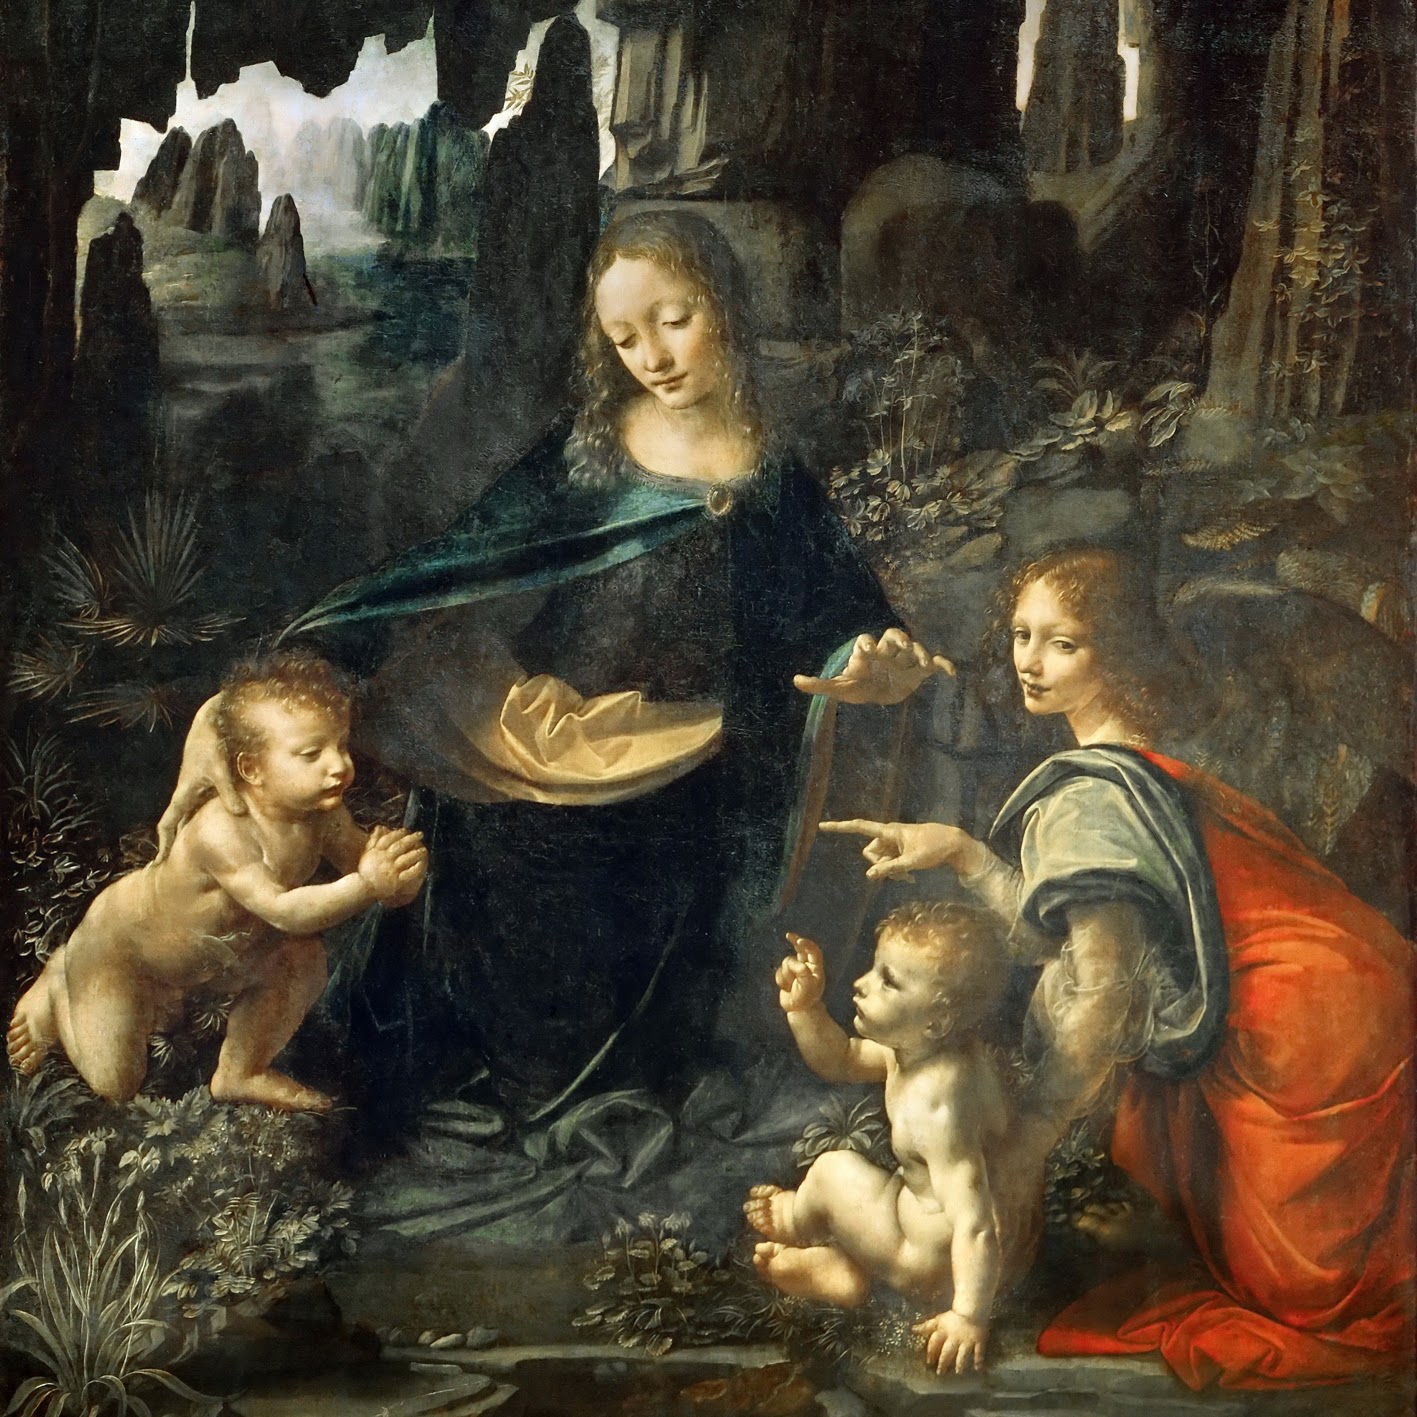 Nel segno dell'arte: Leonardo e i Maestri Sordi